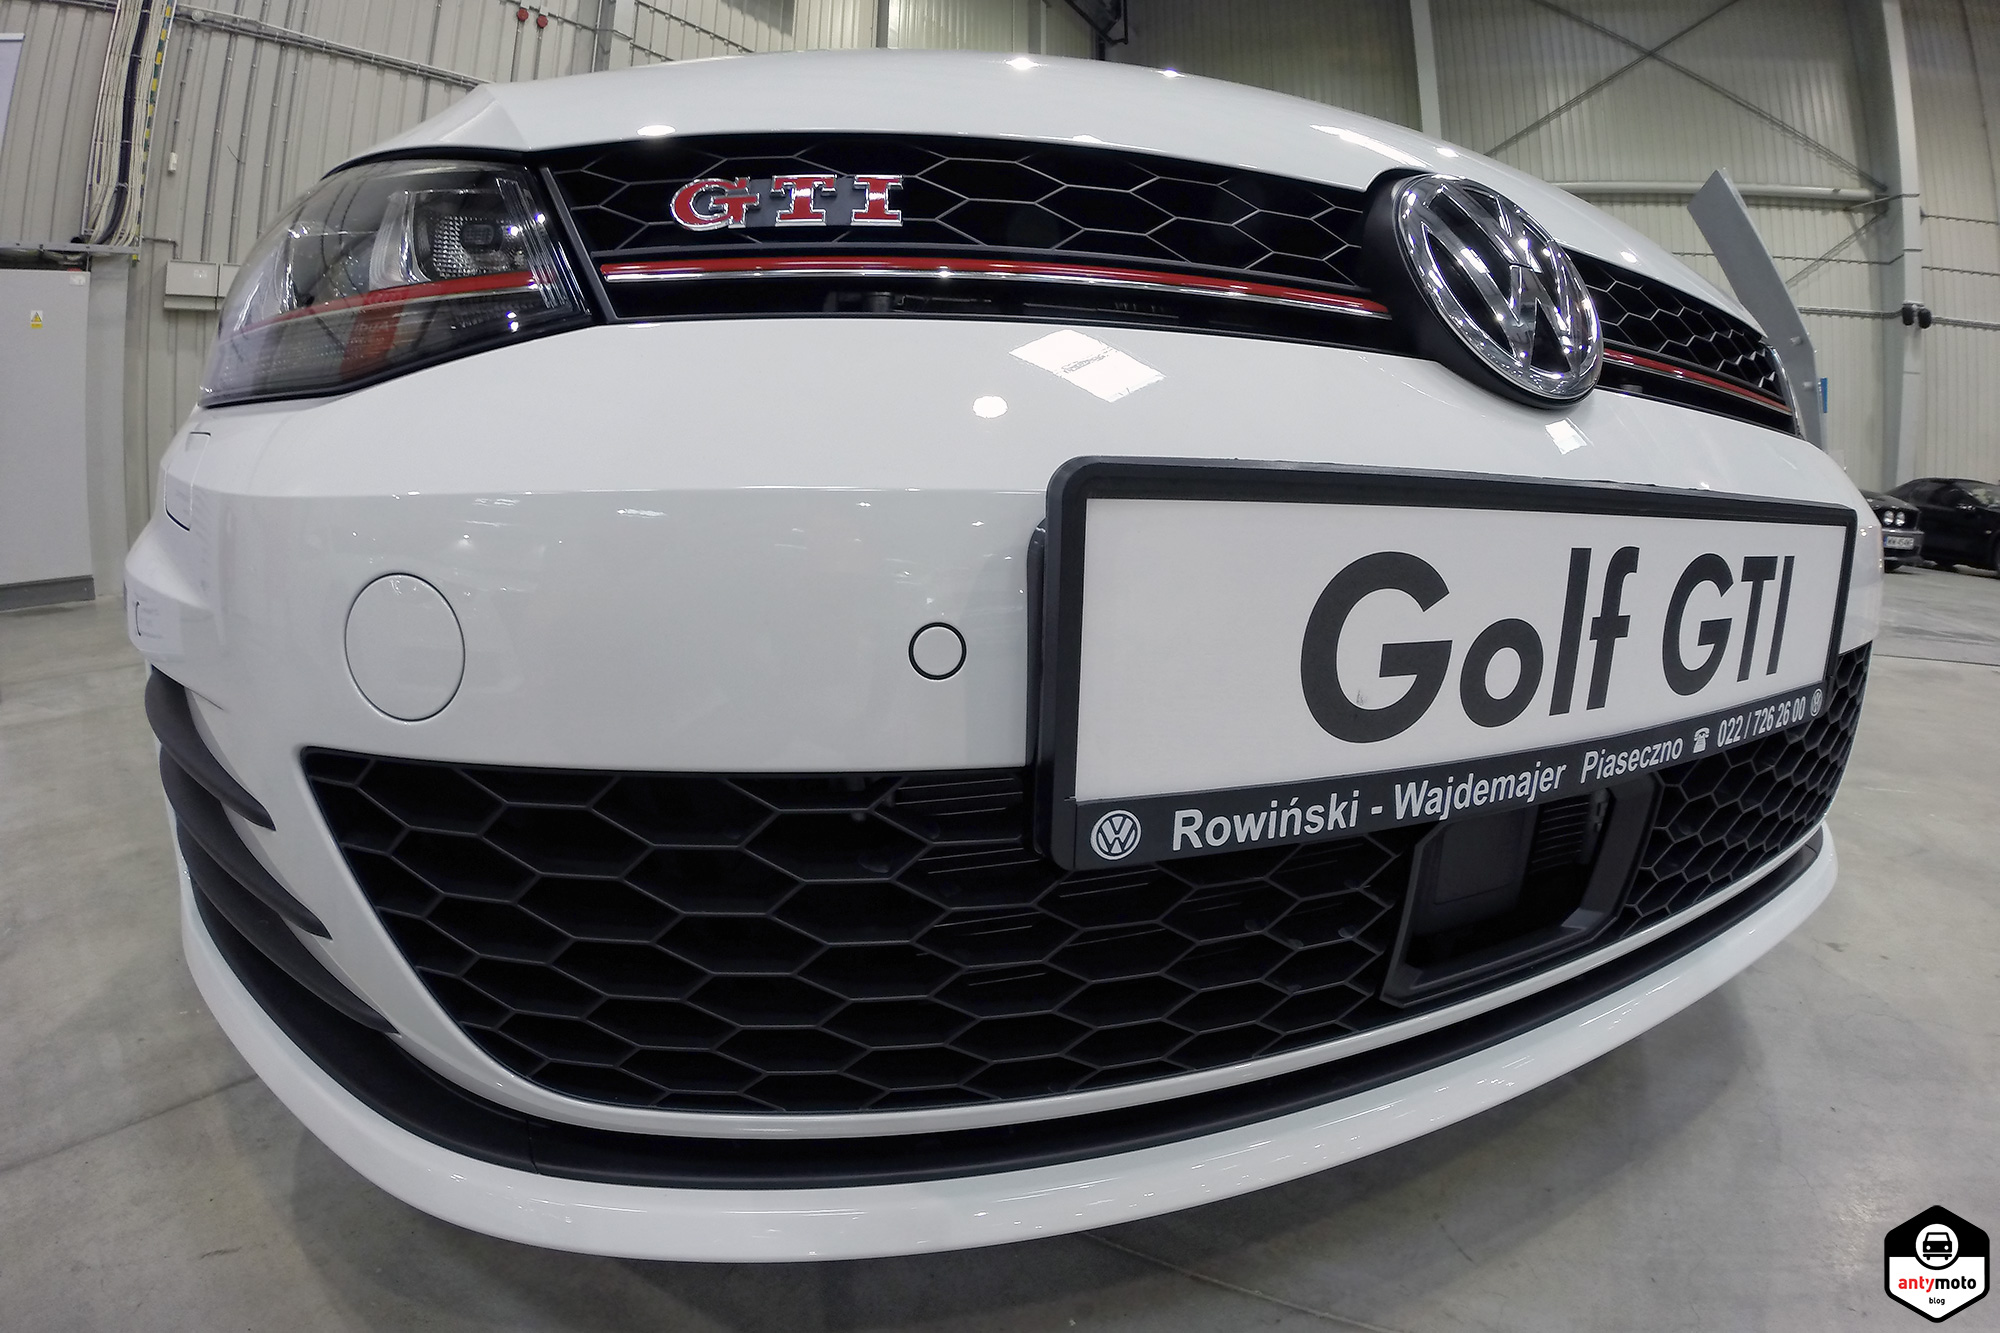 golf_gti